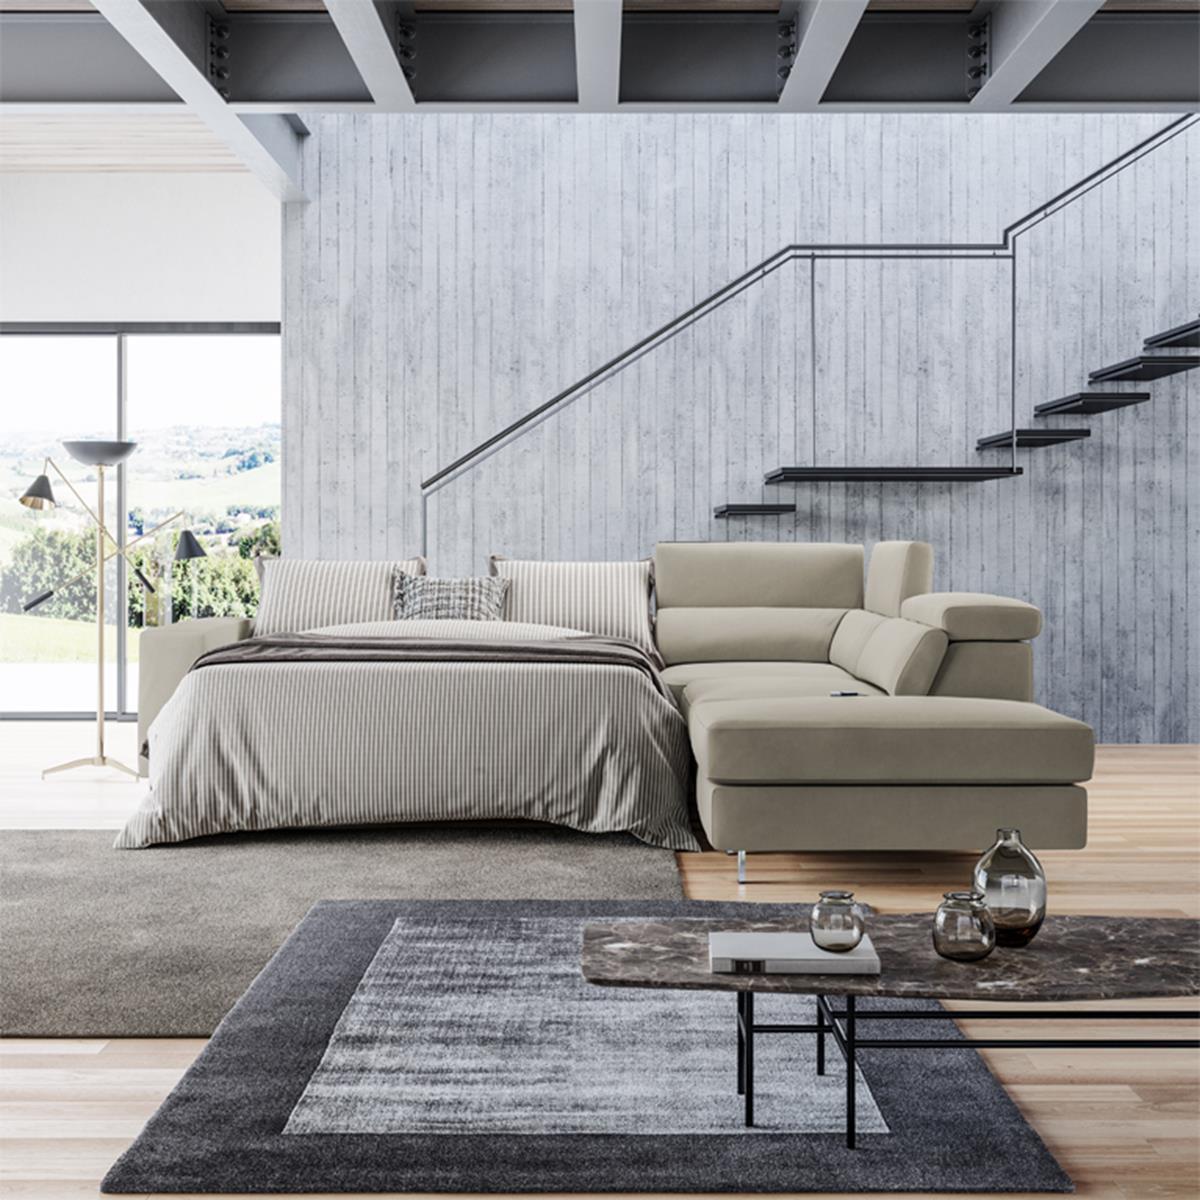 poltronesofa-collezione-divani-letto-14